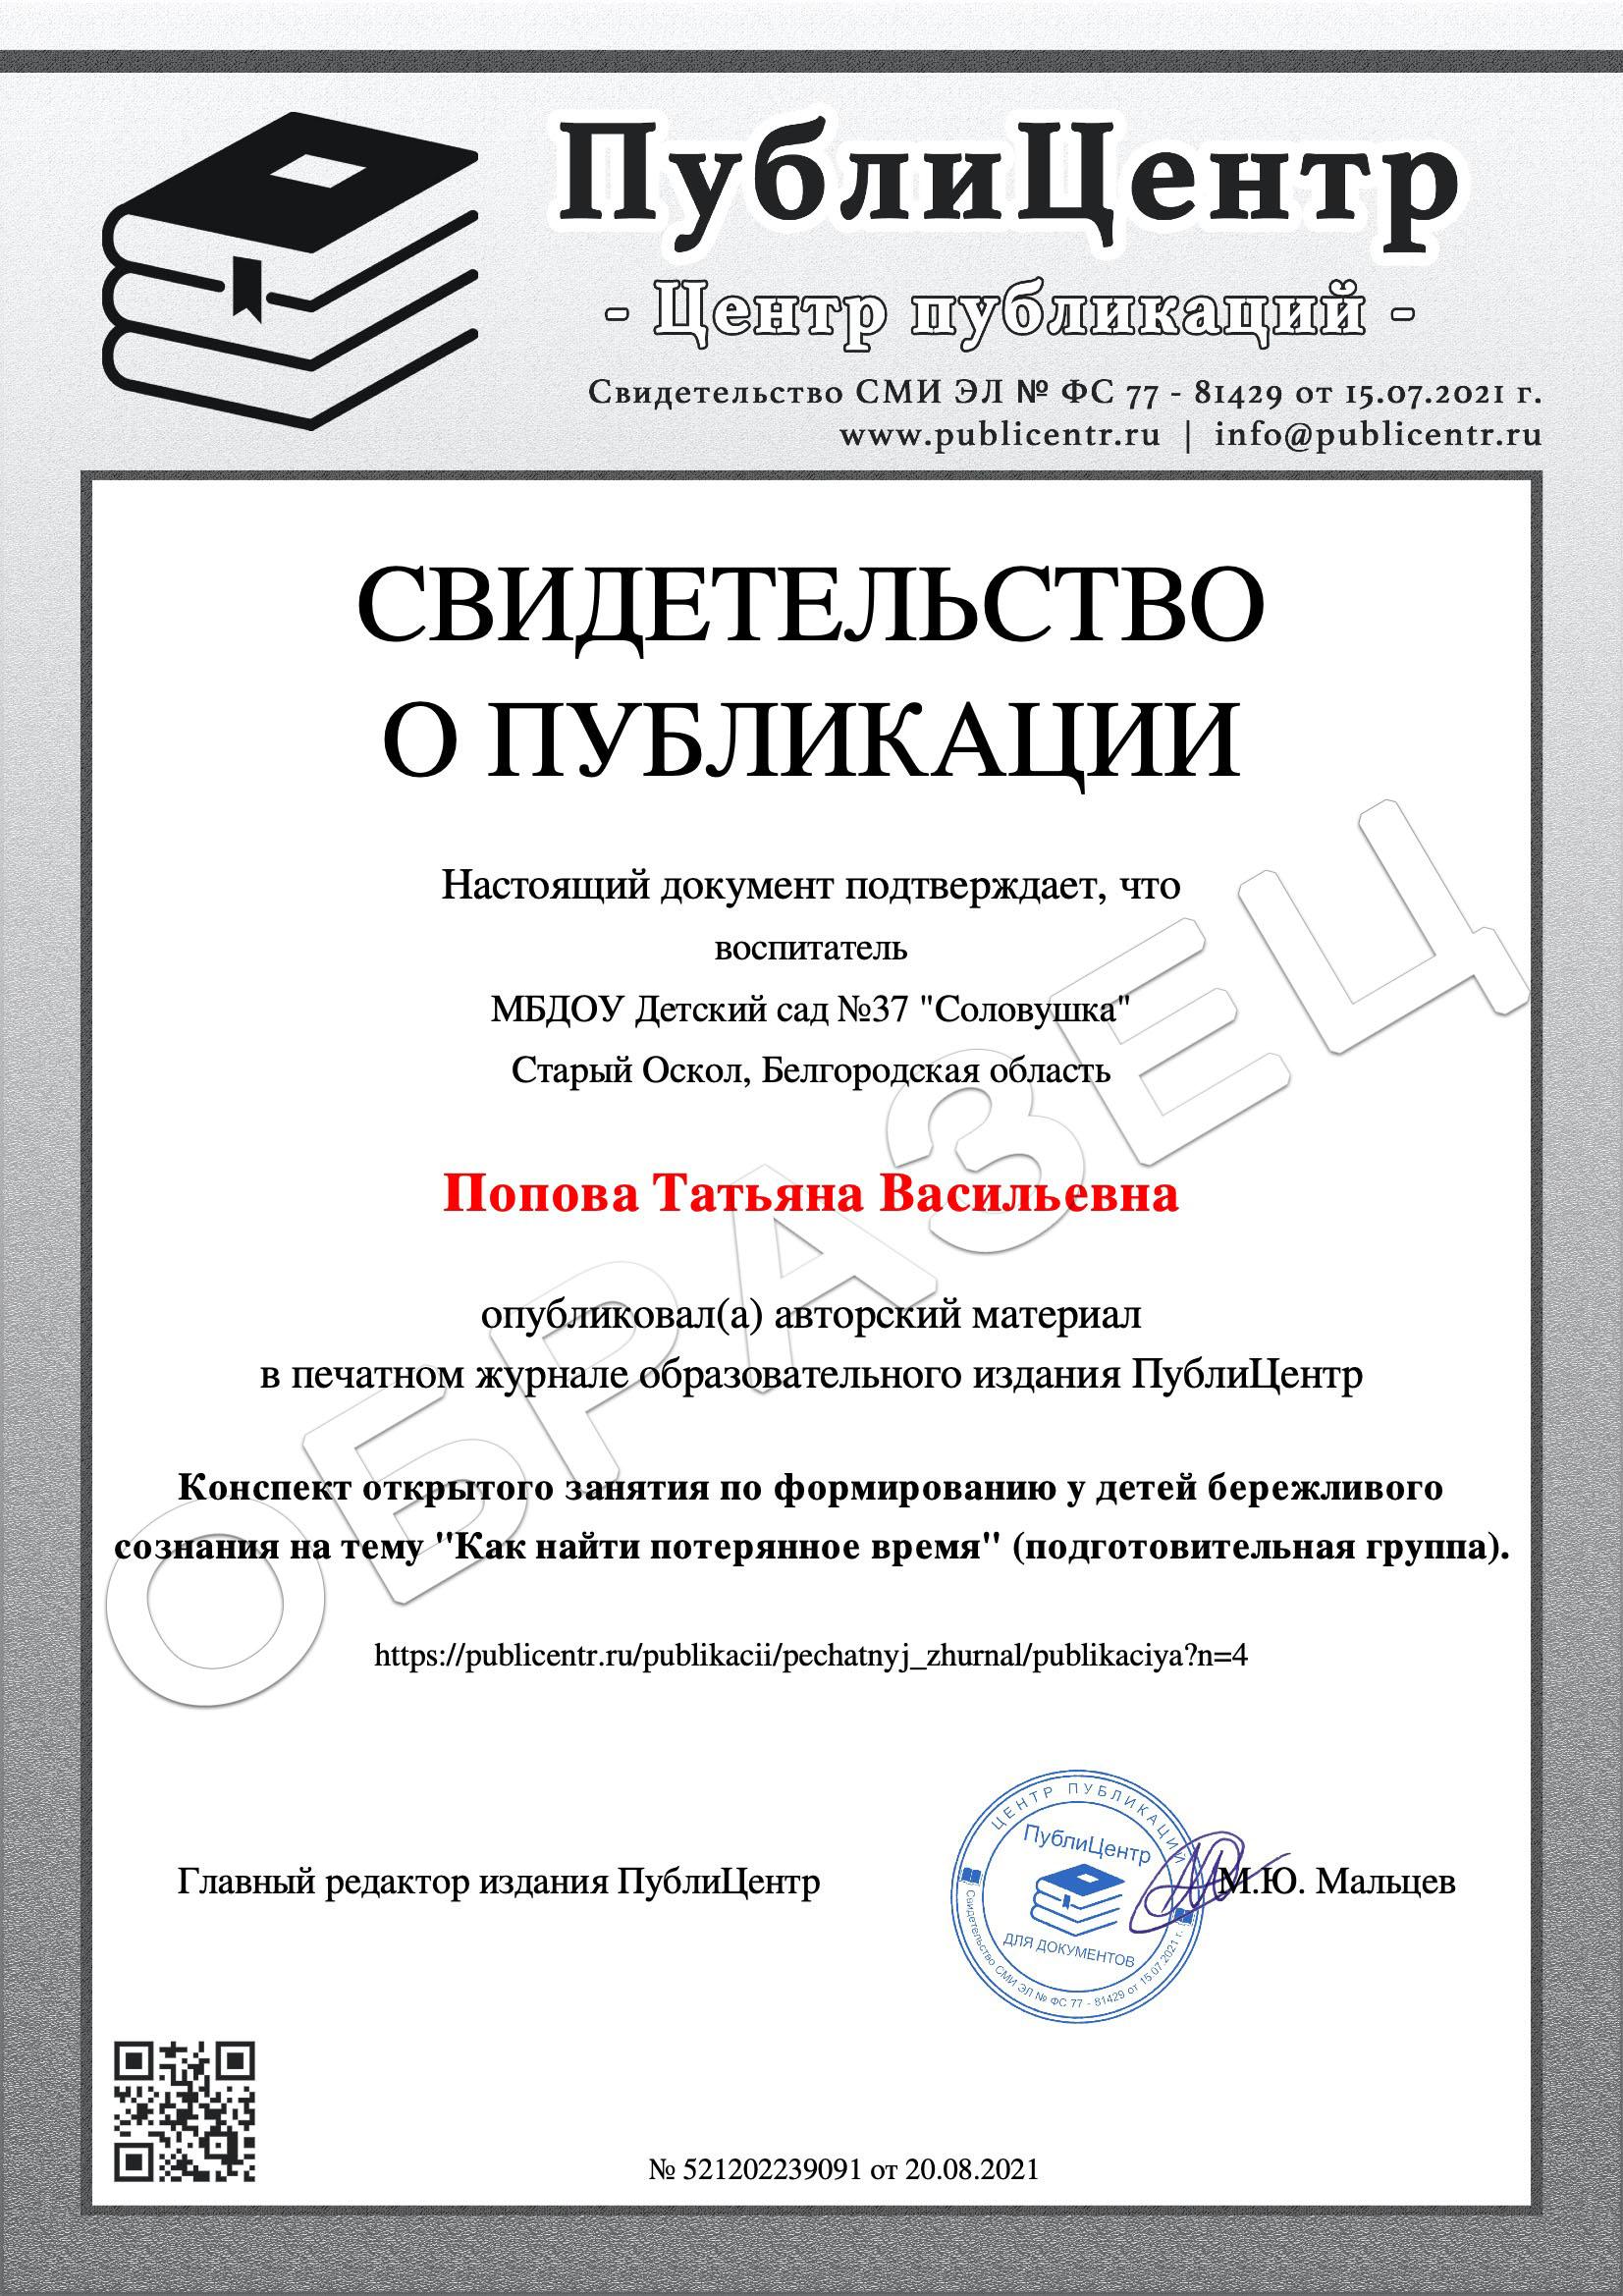 Образец документа за публикацию в печатном журнале ПублиЦентр.